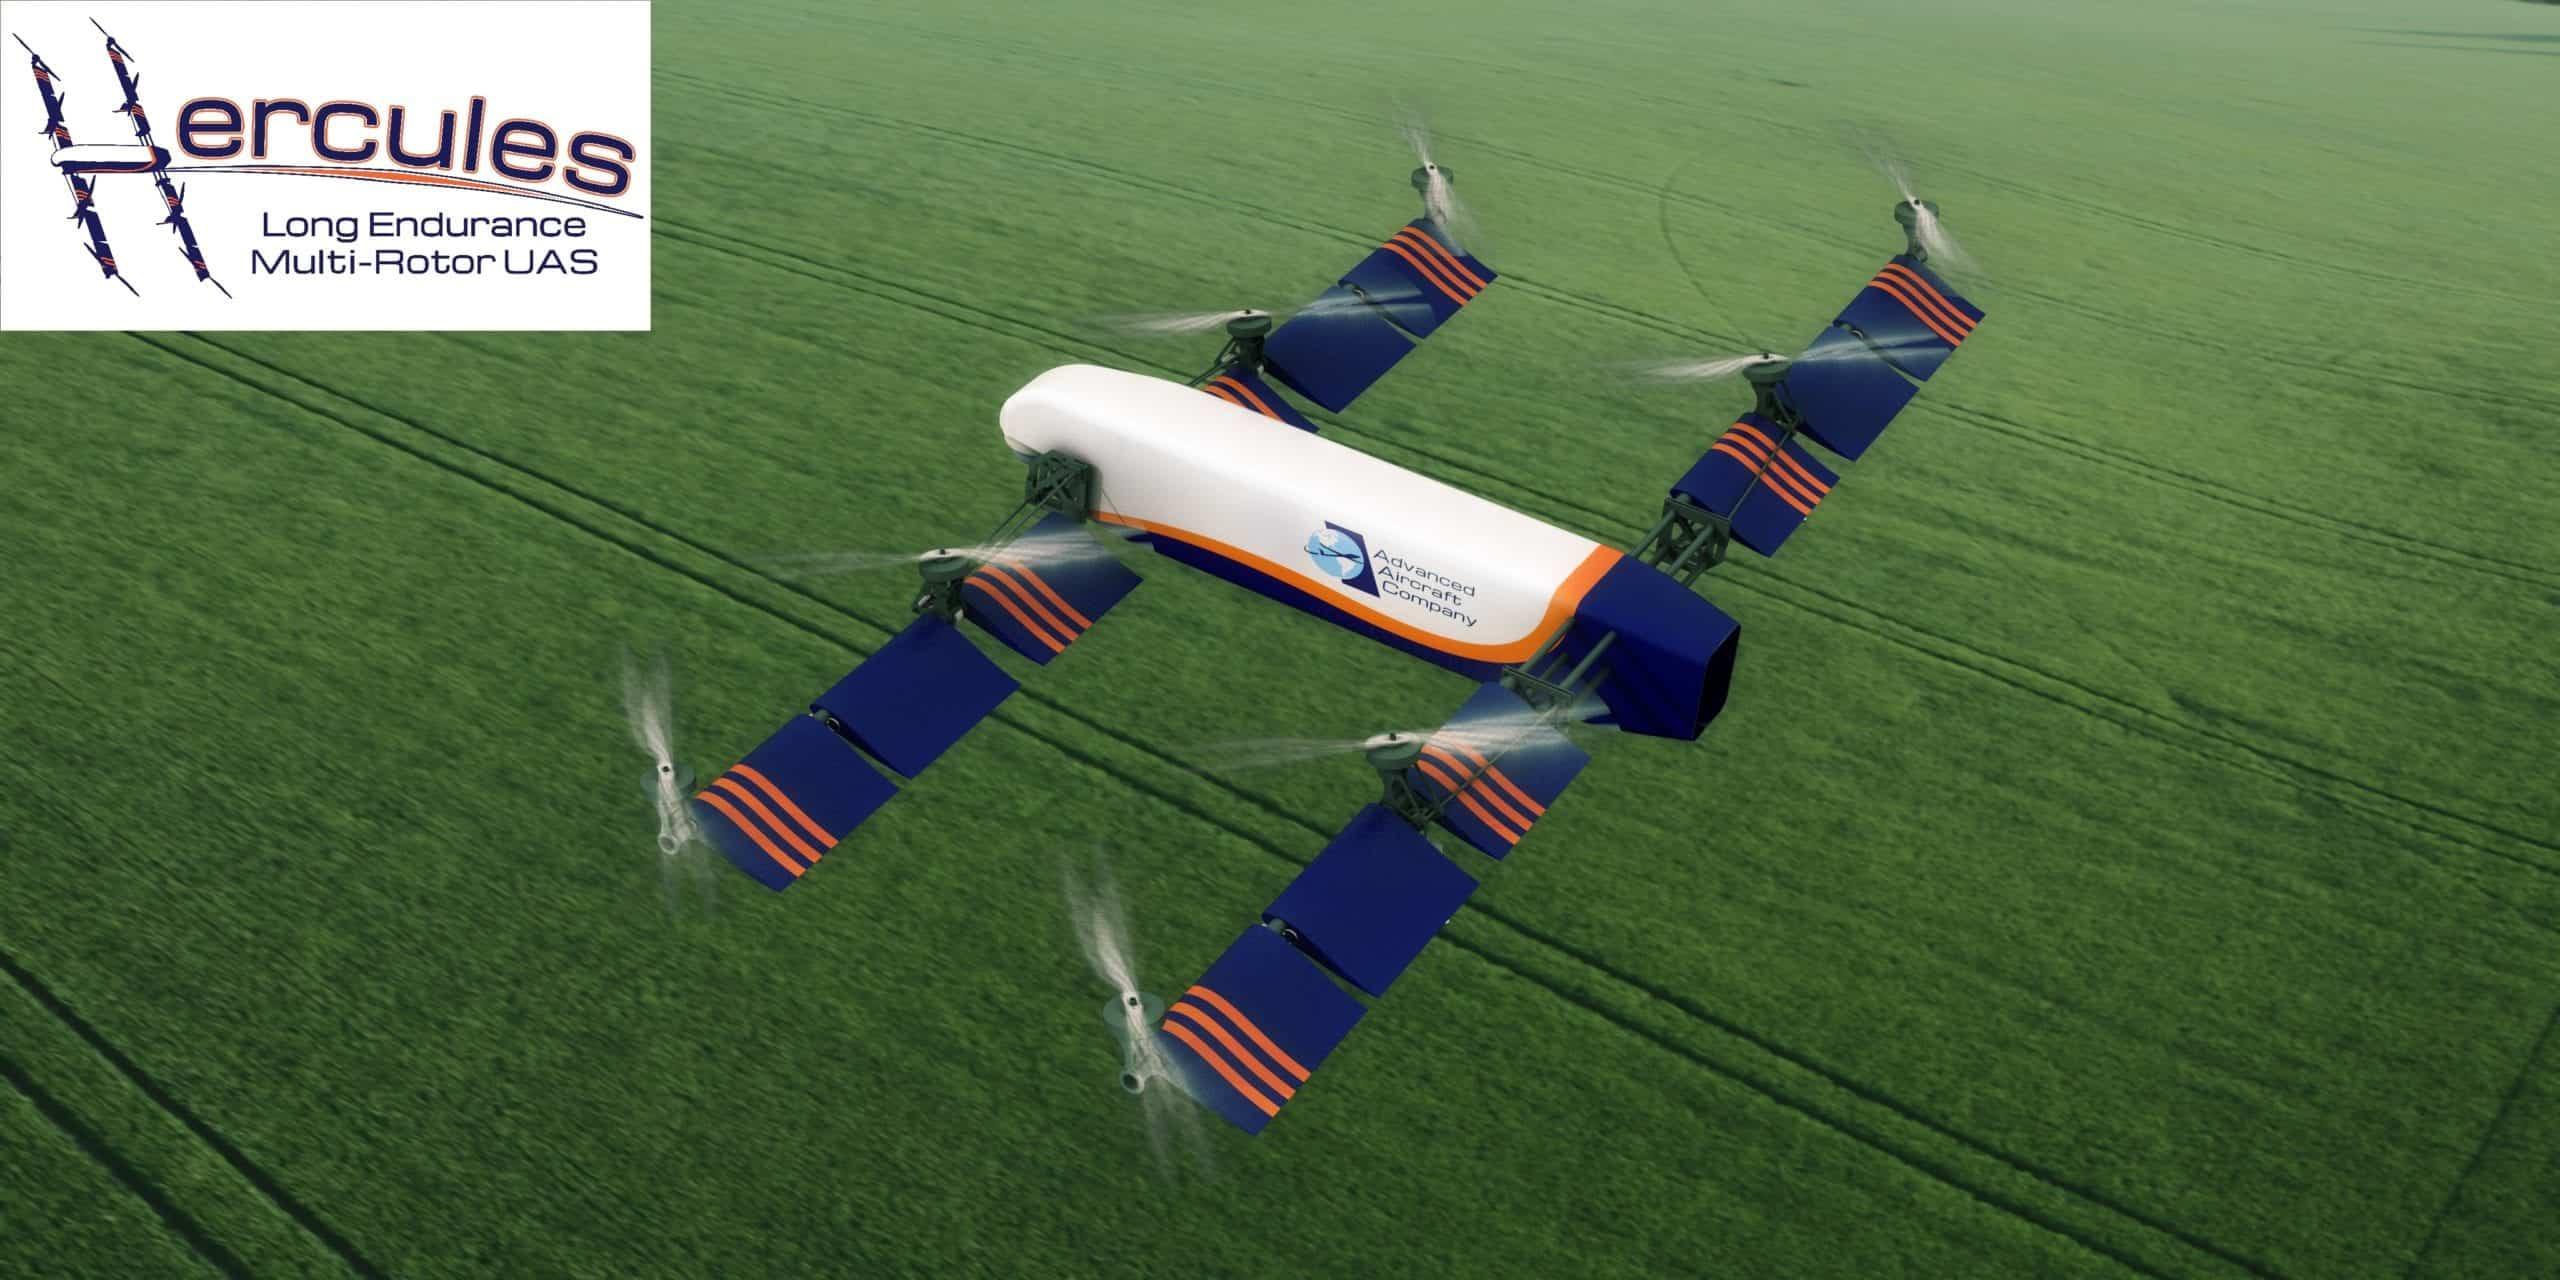 Hercules VTOL UAS